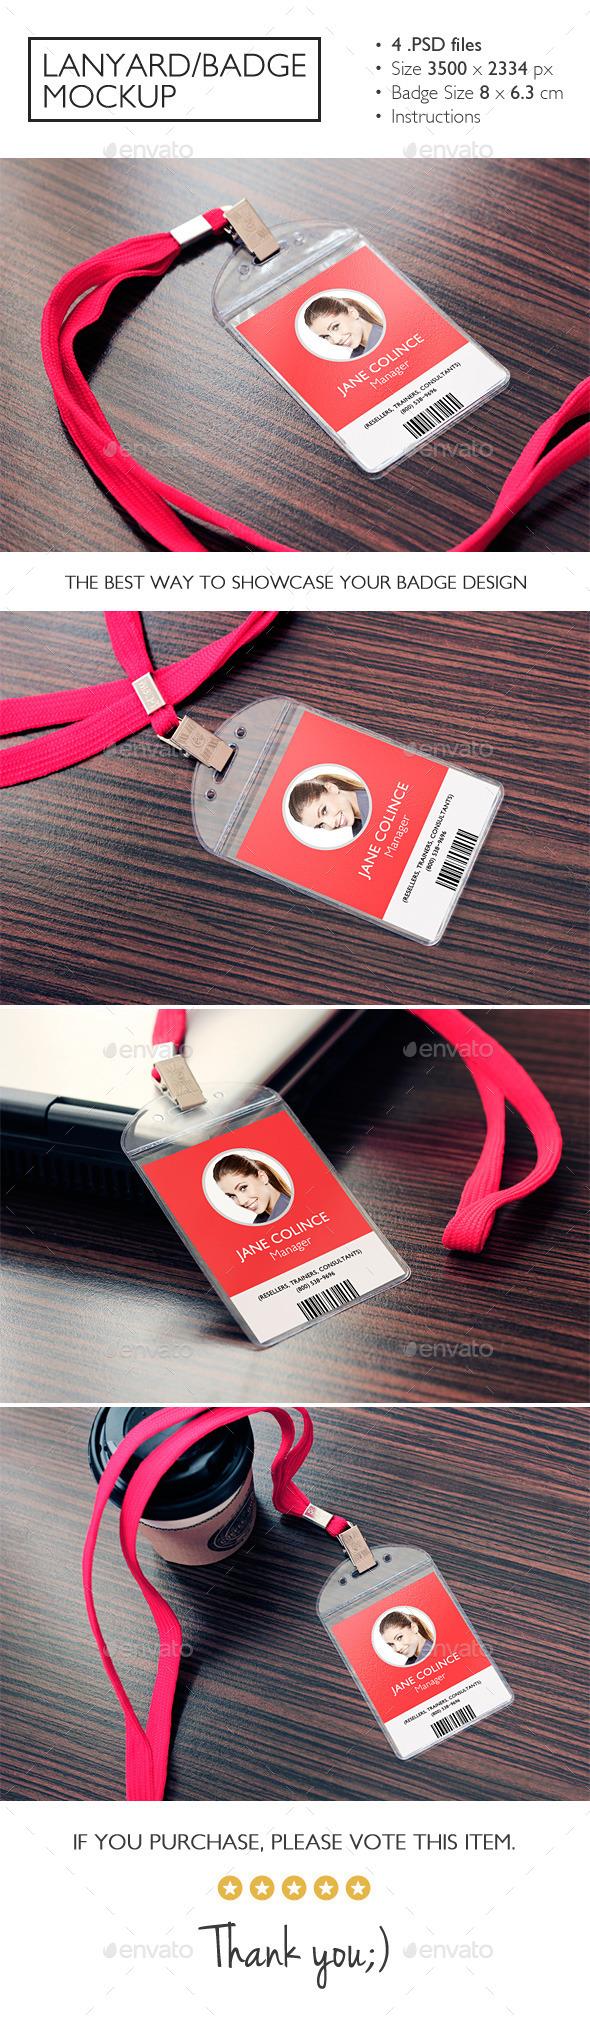 Lanyard/Badge Mockup | Pinterest | Actividades preescolares ...